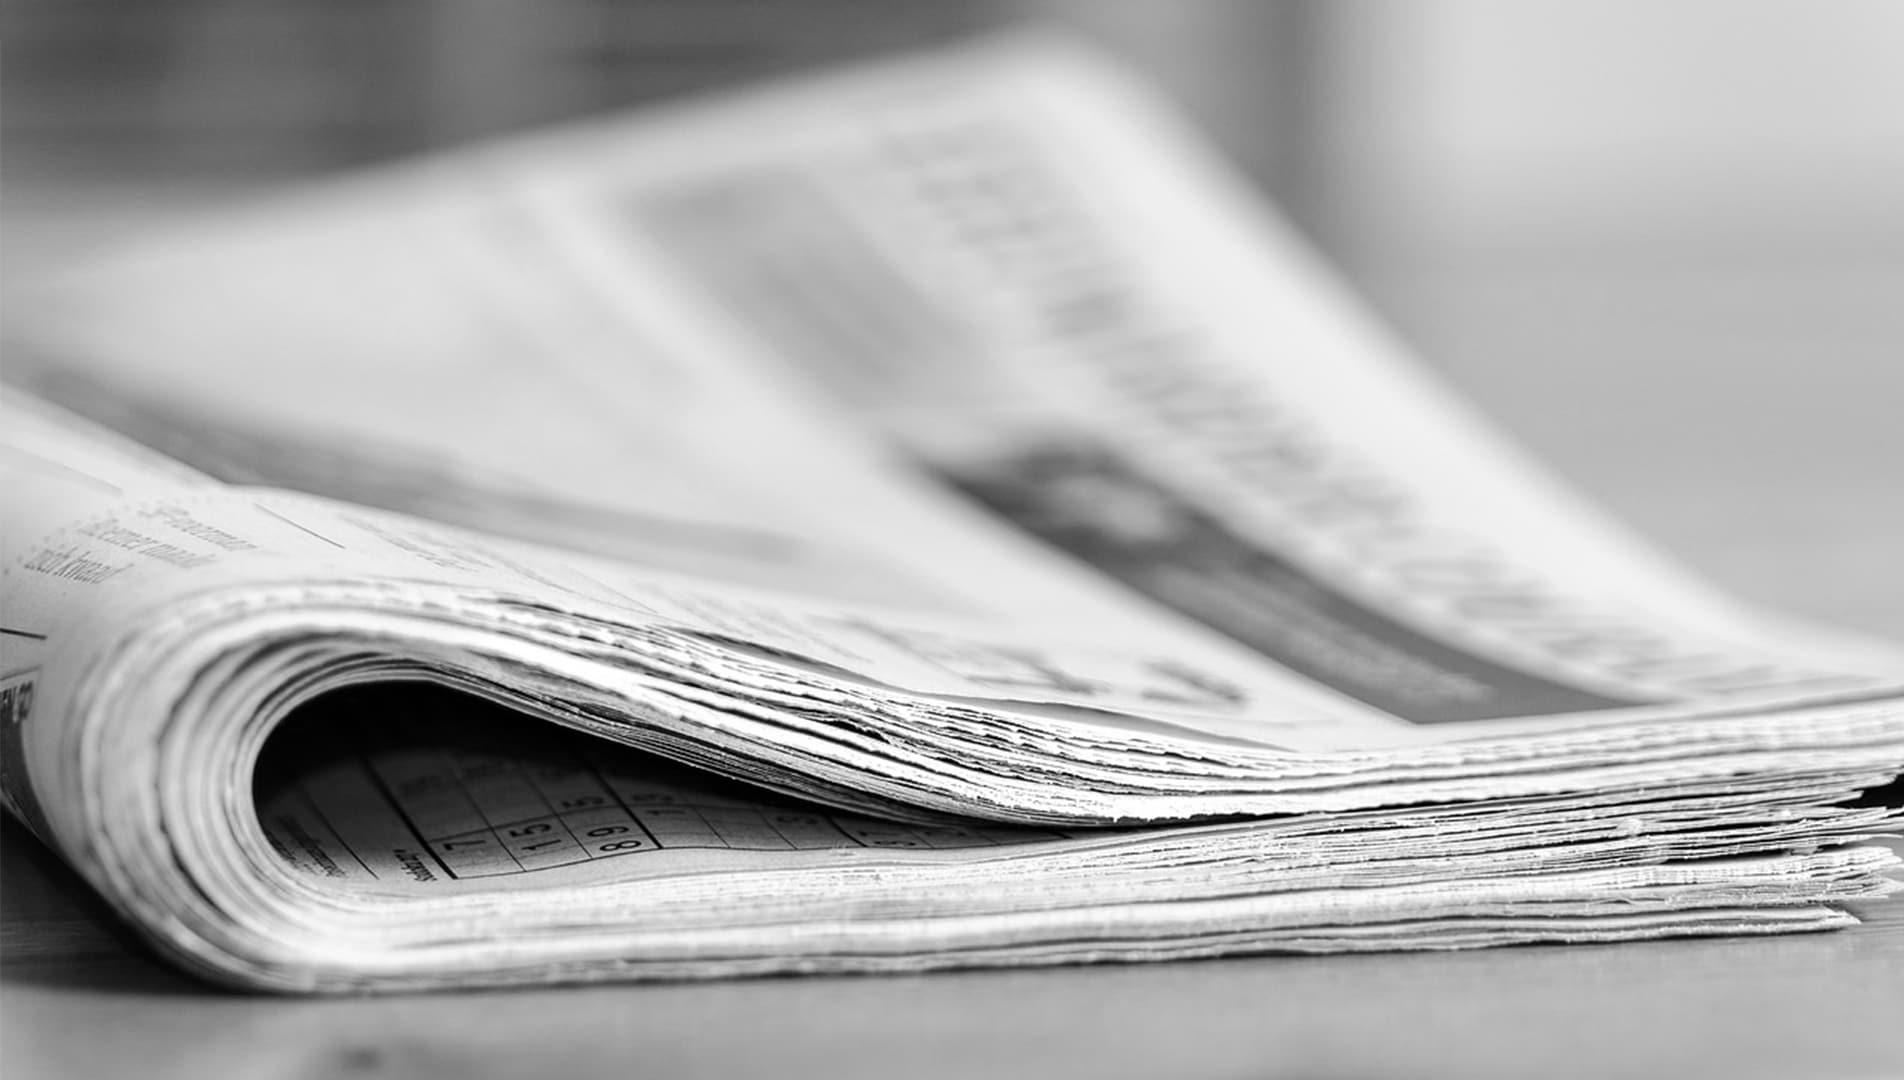 un journal en noir et blanc